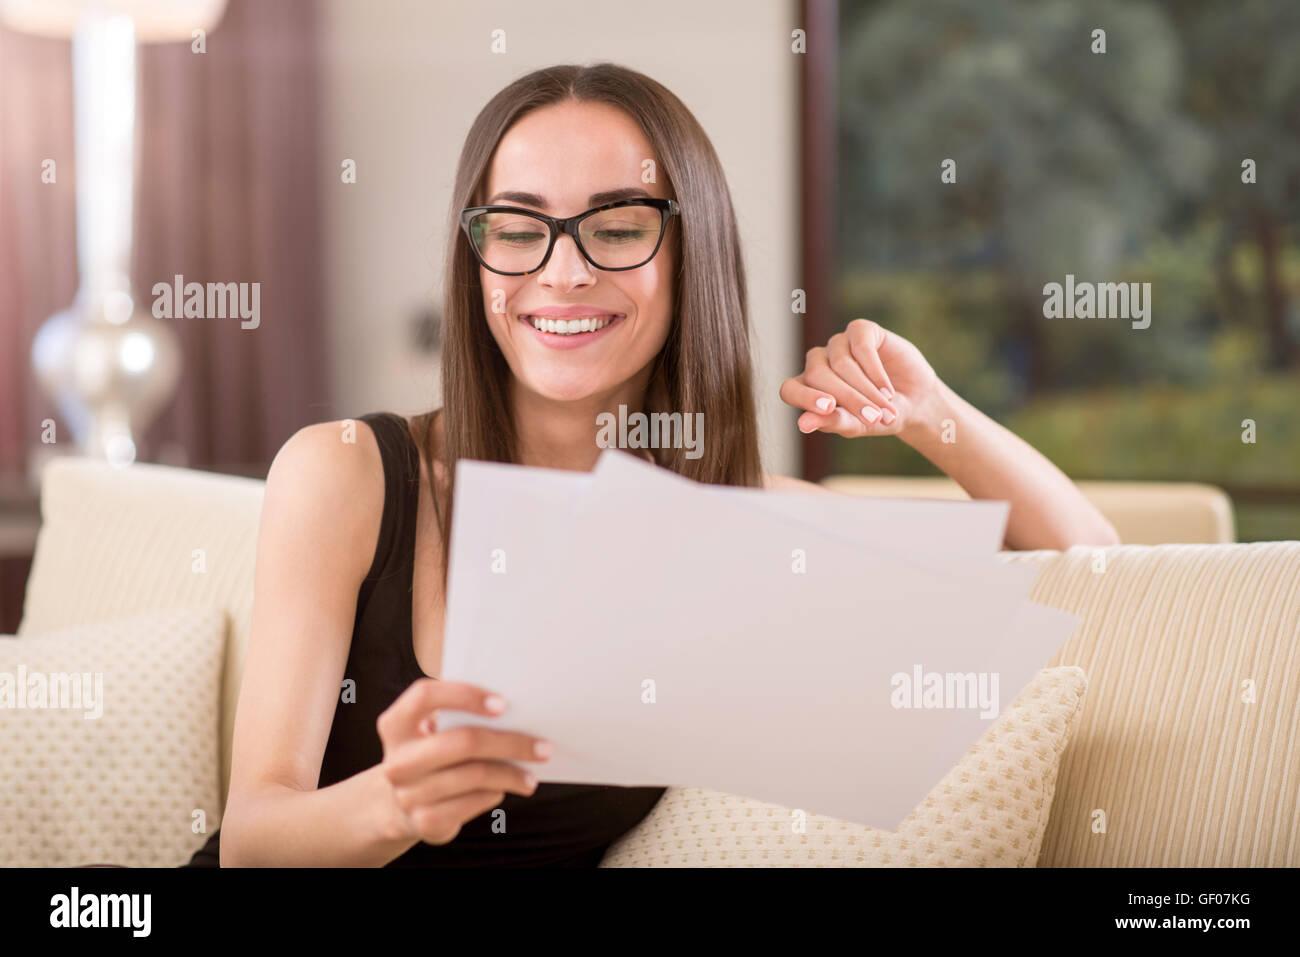 Fiducioso donna guardando papers Immagini Stock